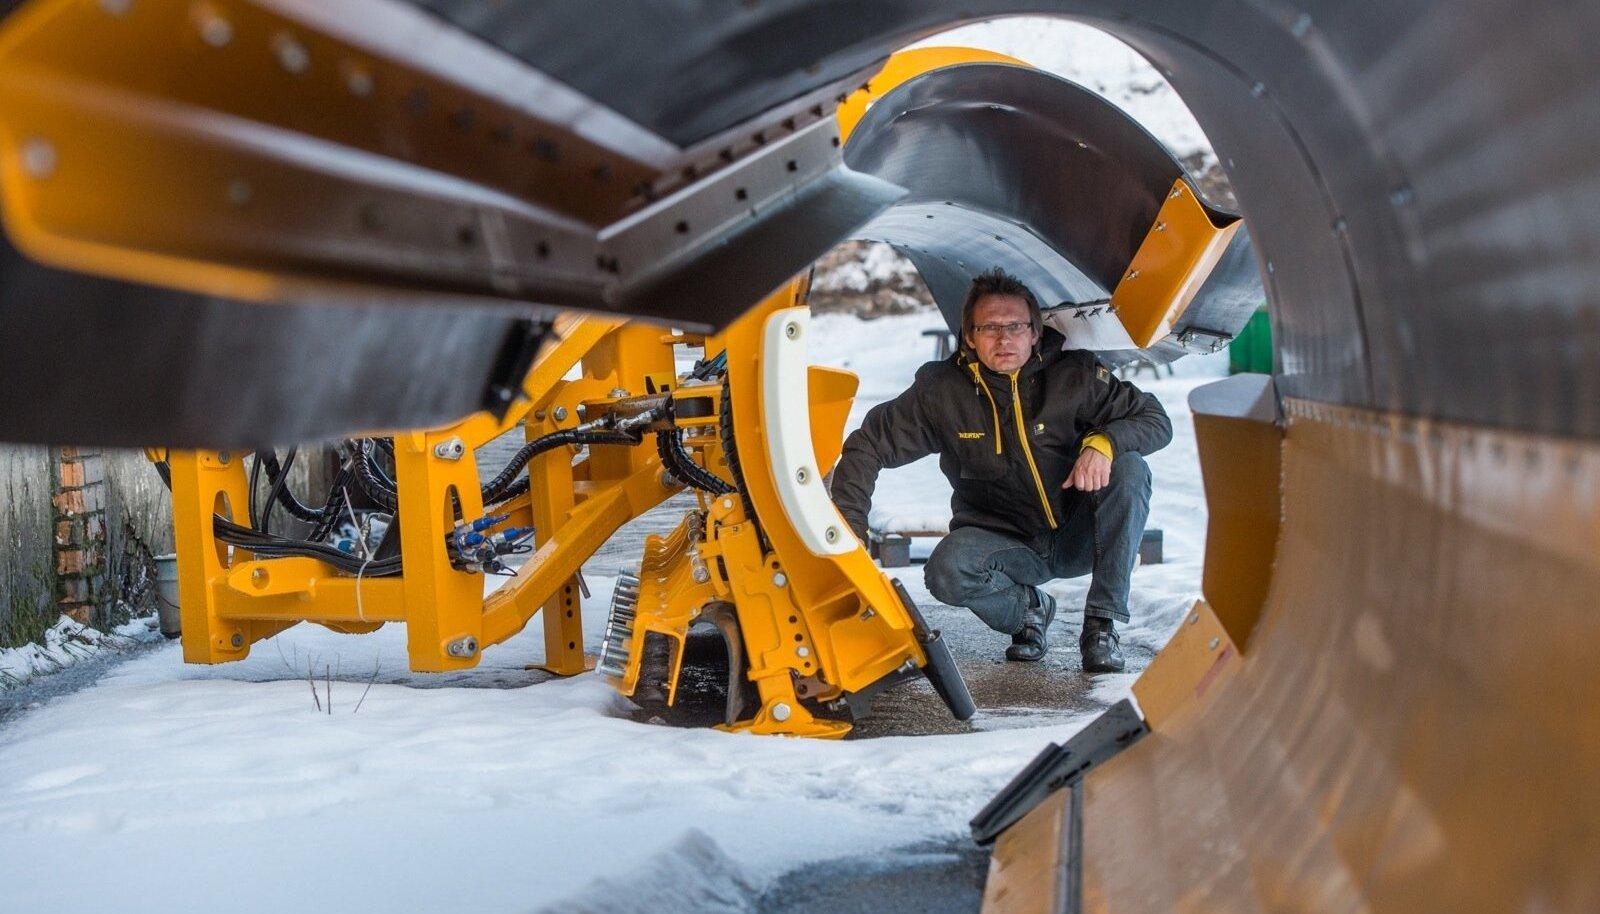 Innovaatilisi lumesahkasid tootva Meiren Engineeringu juhi Raoul Renseri sõnul on see olnud firma teadlik valik, et tooteid arendatakse vaid kasumi arvelt.